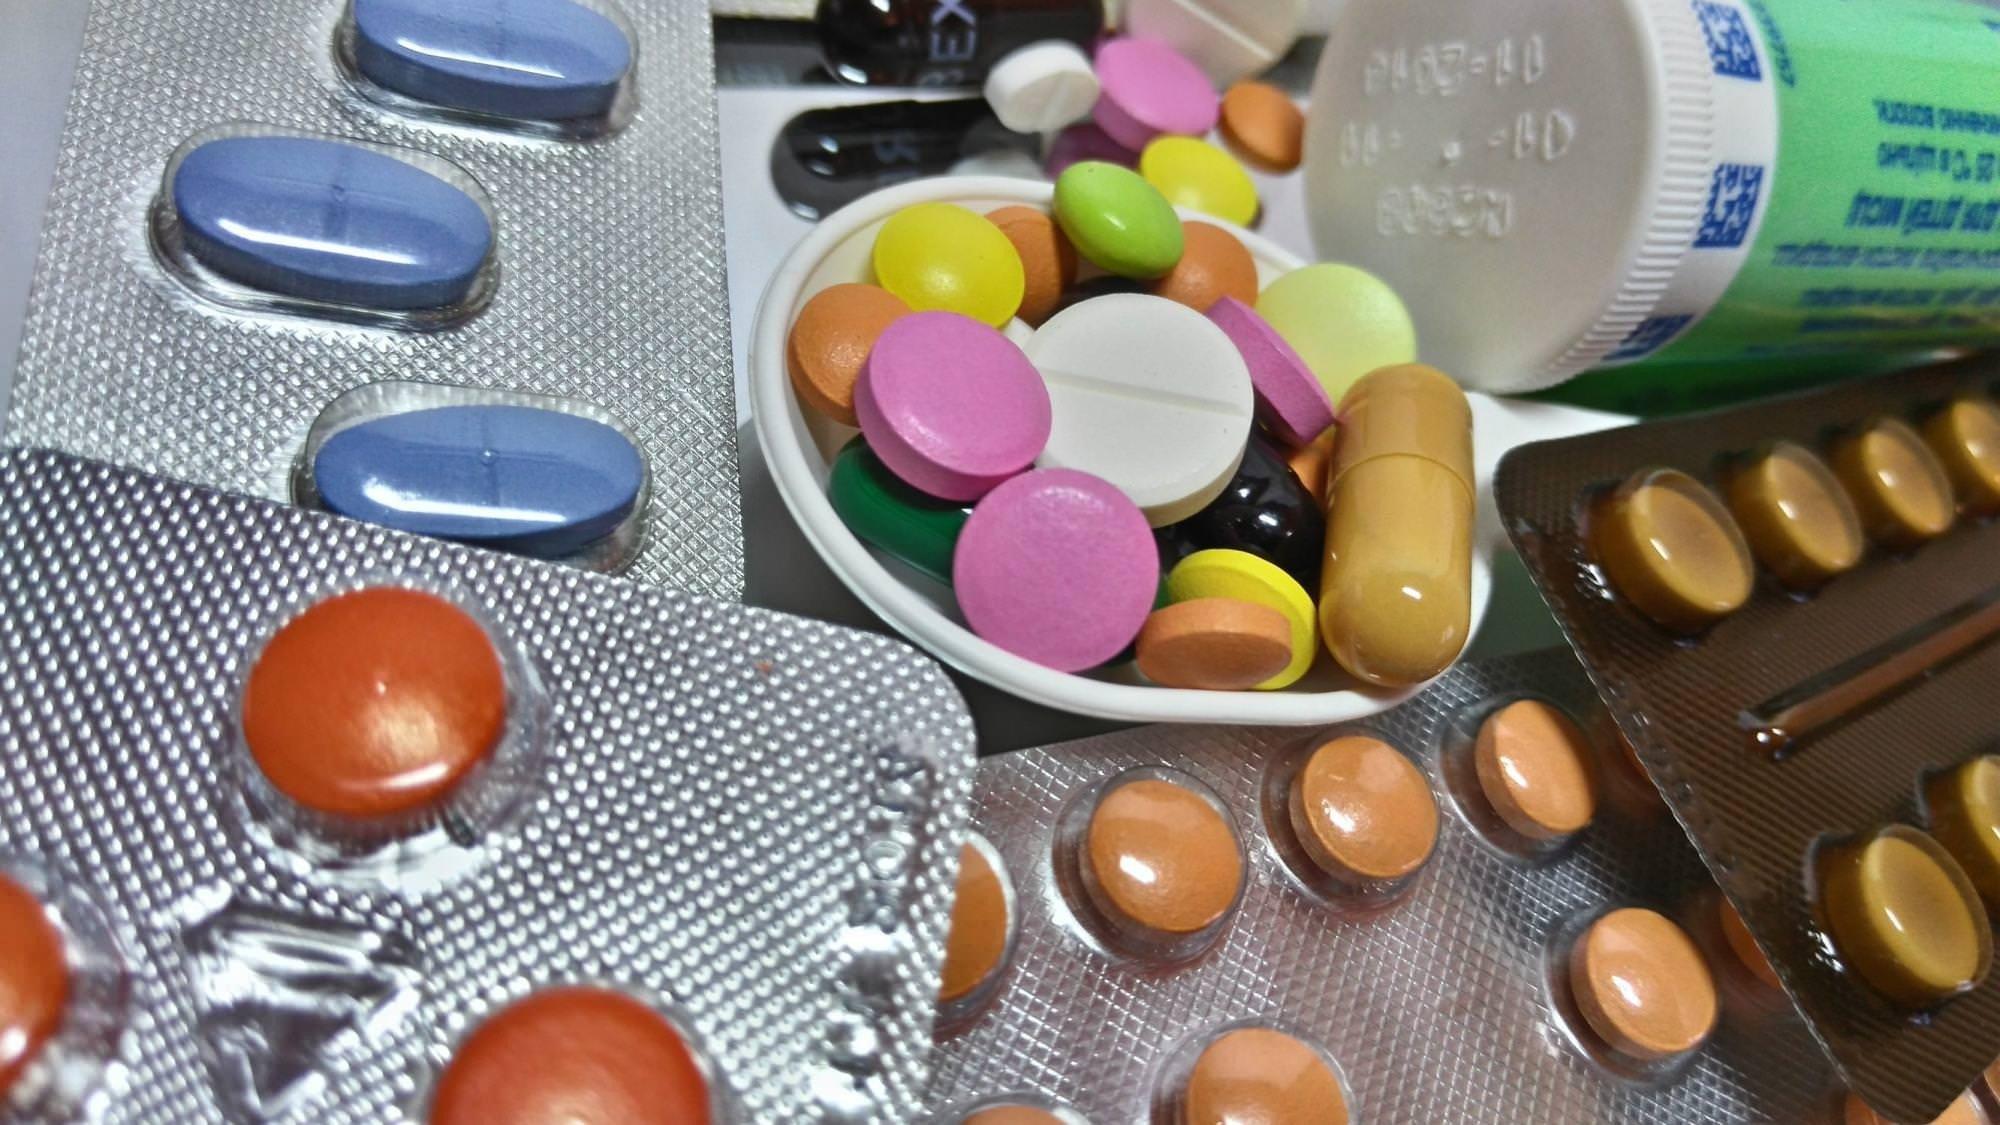 Медицинские лекарства назначают только лечащим врачом